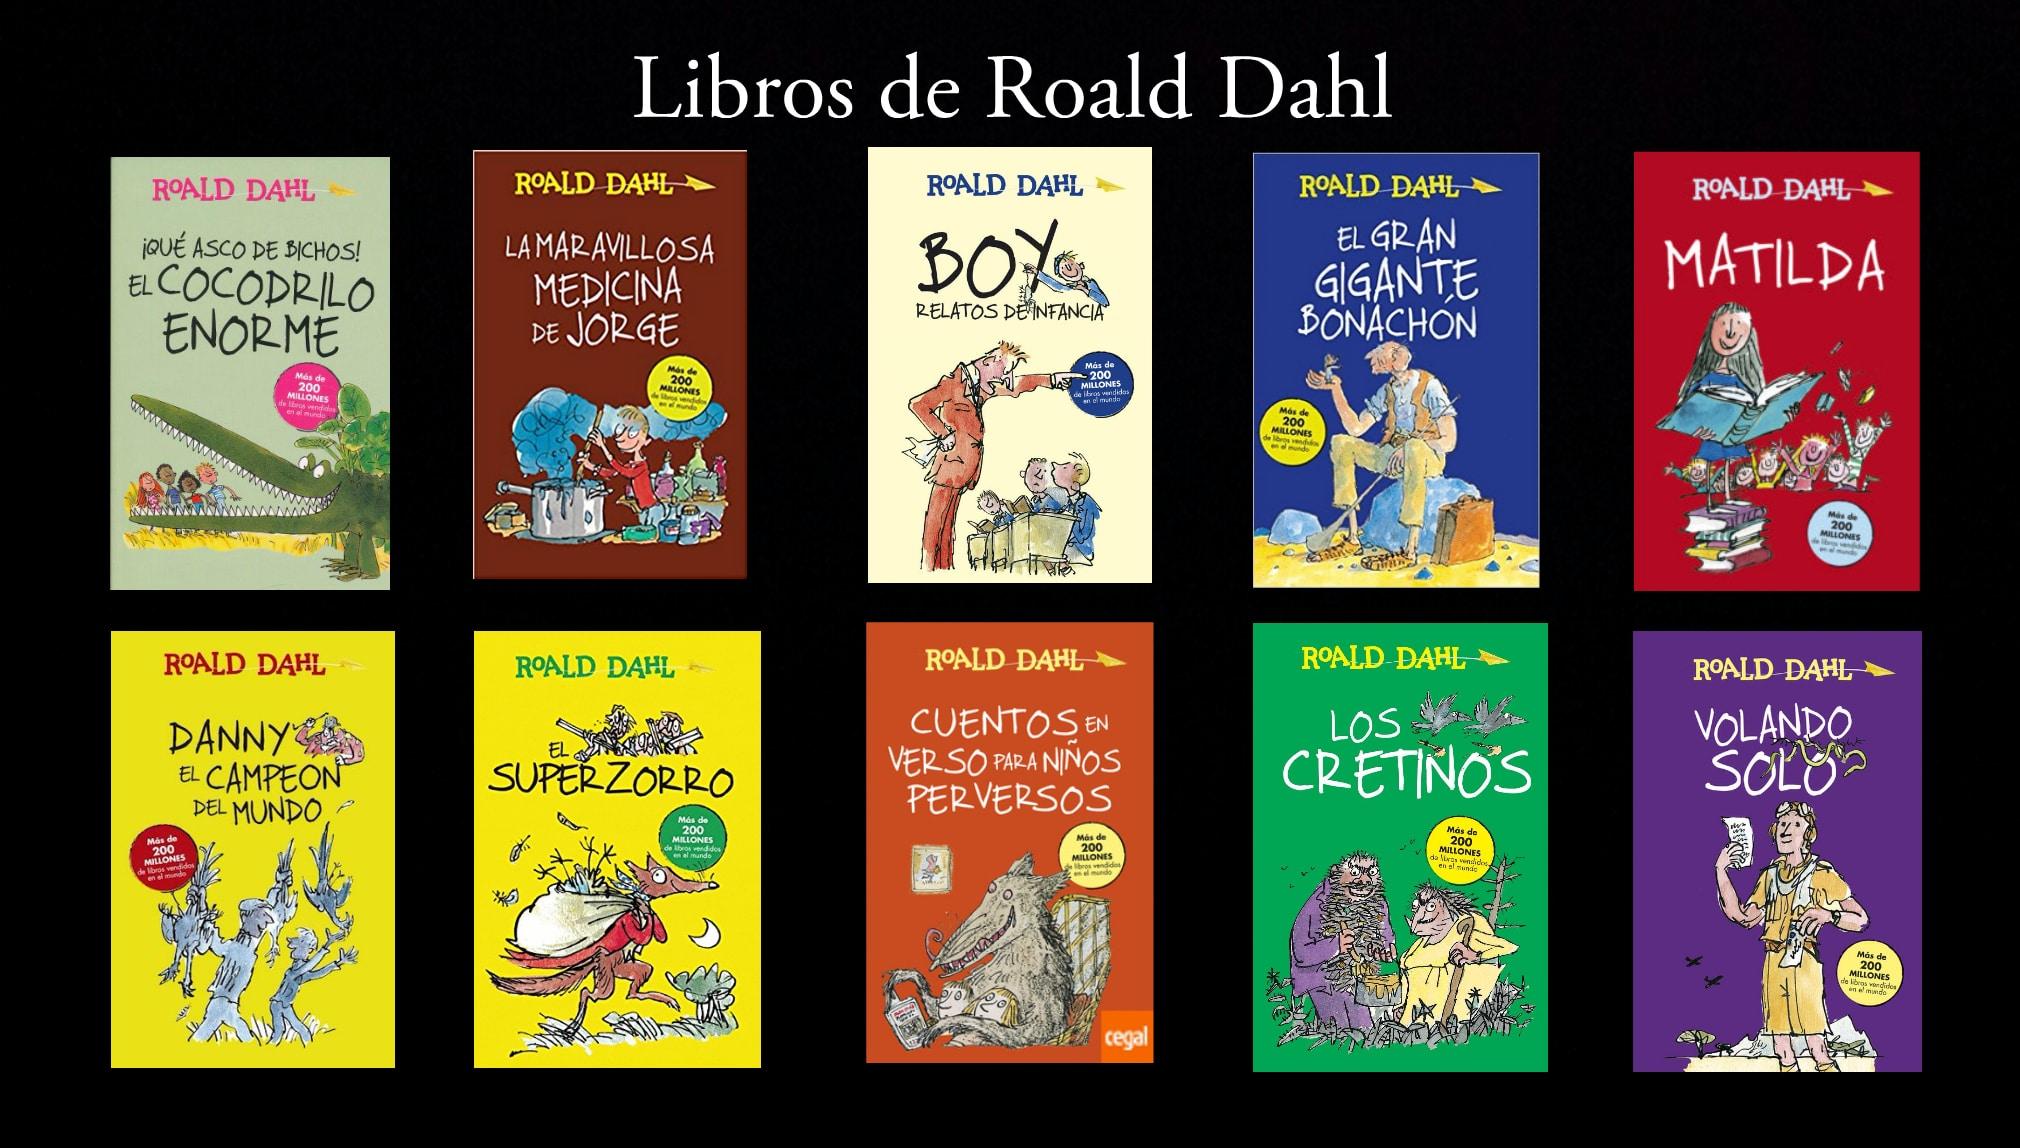 Libros de Roald Dahl.